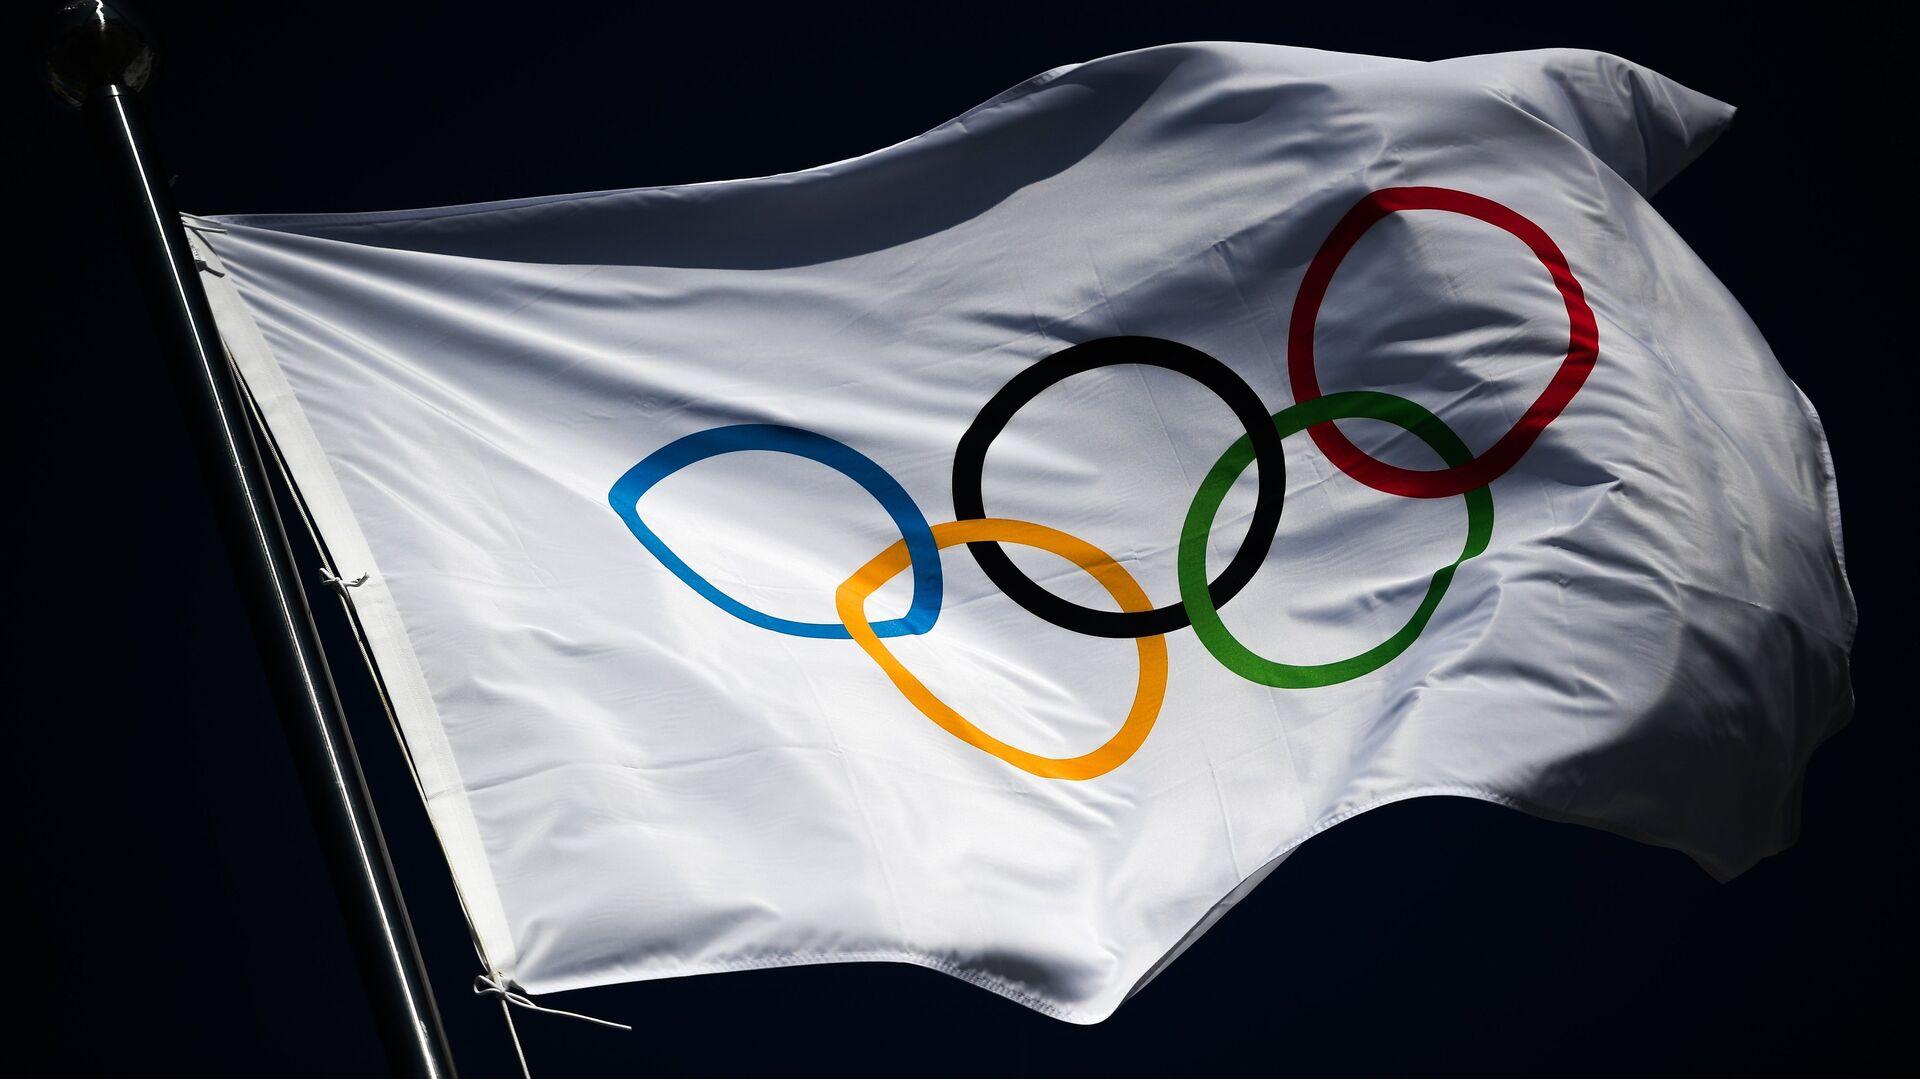 Σημαία των Ολυμπιακών Αγώνων - Sputnik Ελλάδα, 1920, 28.07.2021